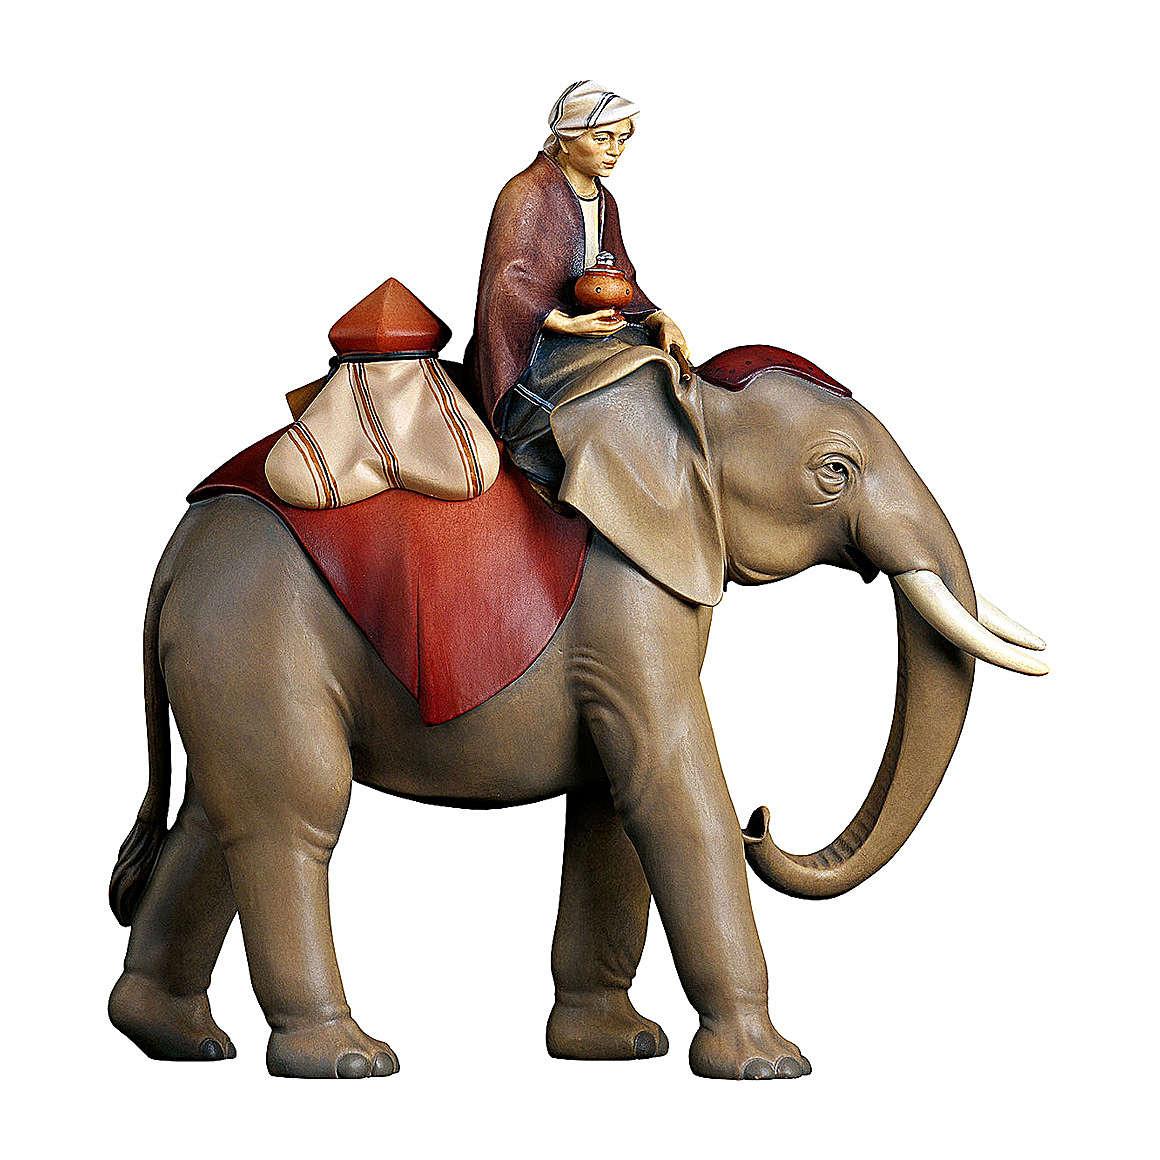 Gruppo elefante con sella gioielli presepe Original Cometa legno dipinto in Val Gardena 10 cm 4